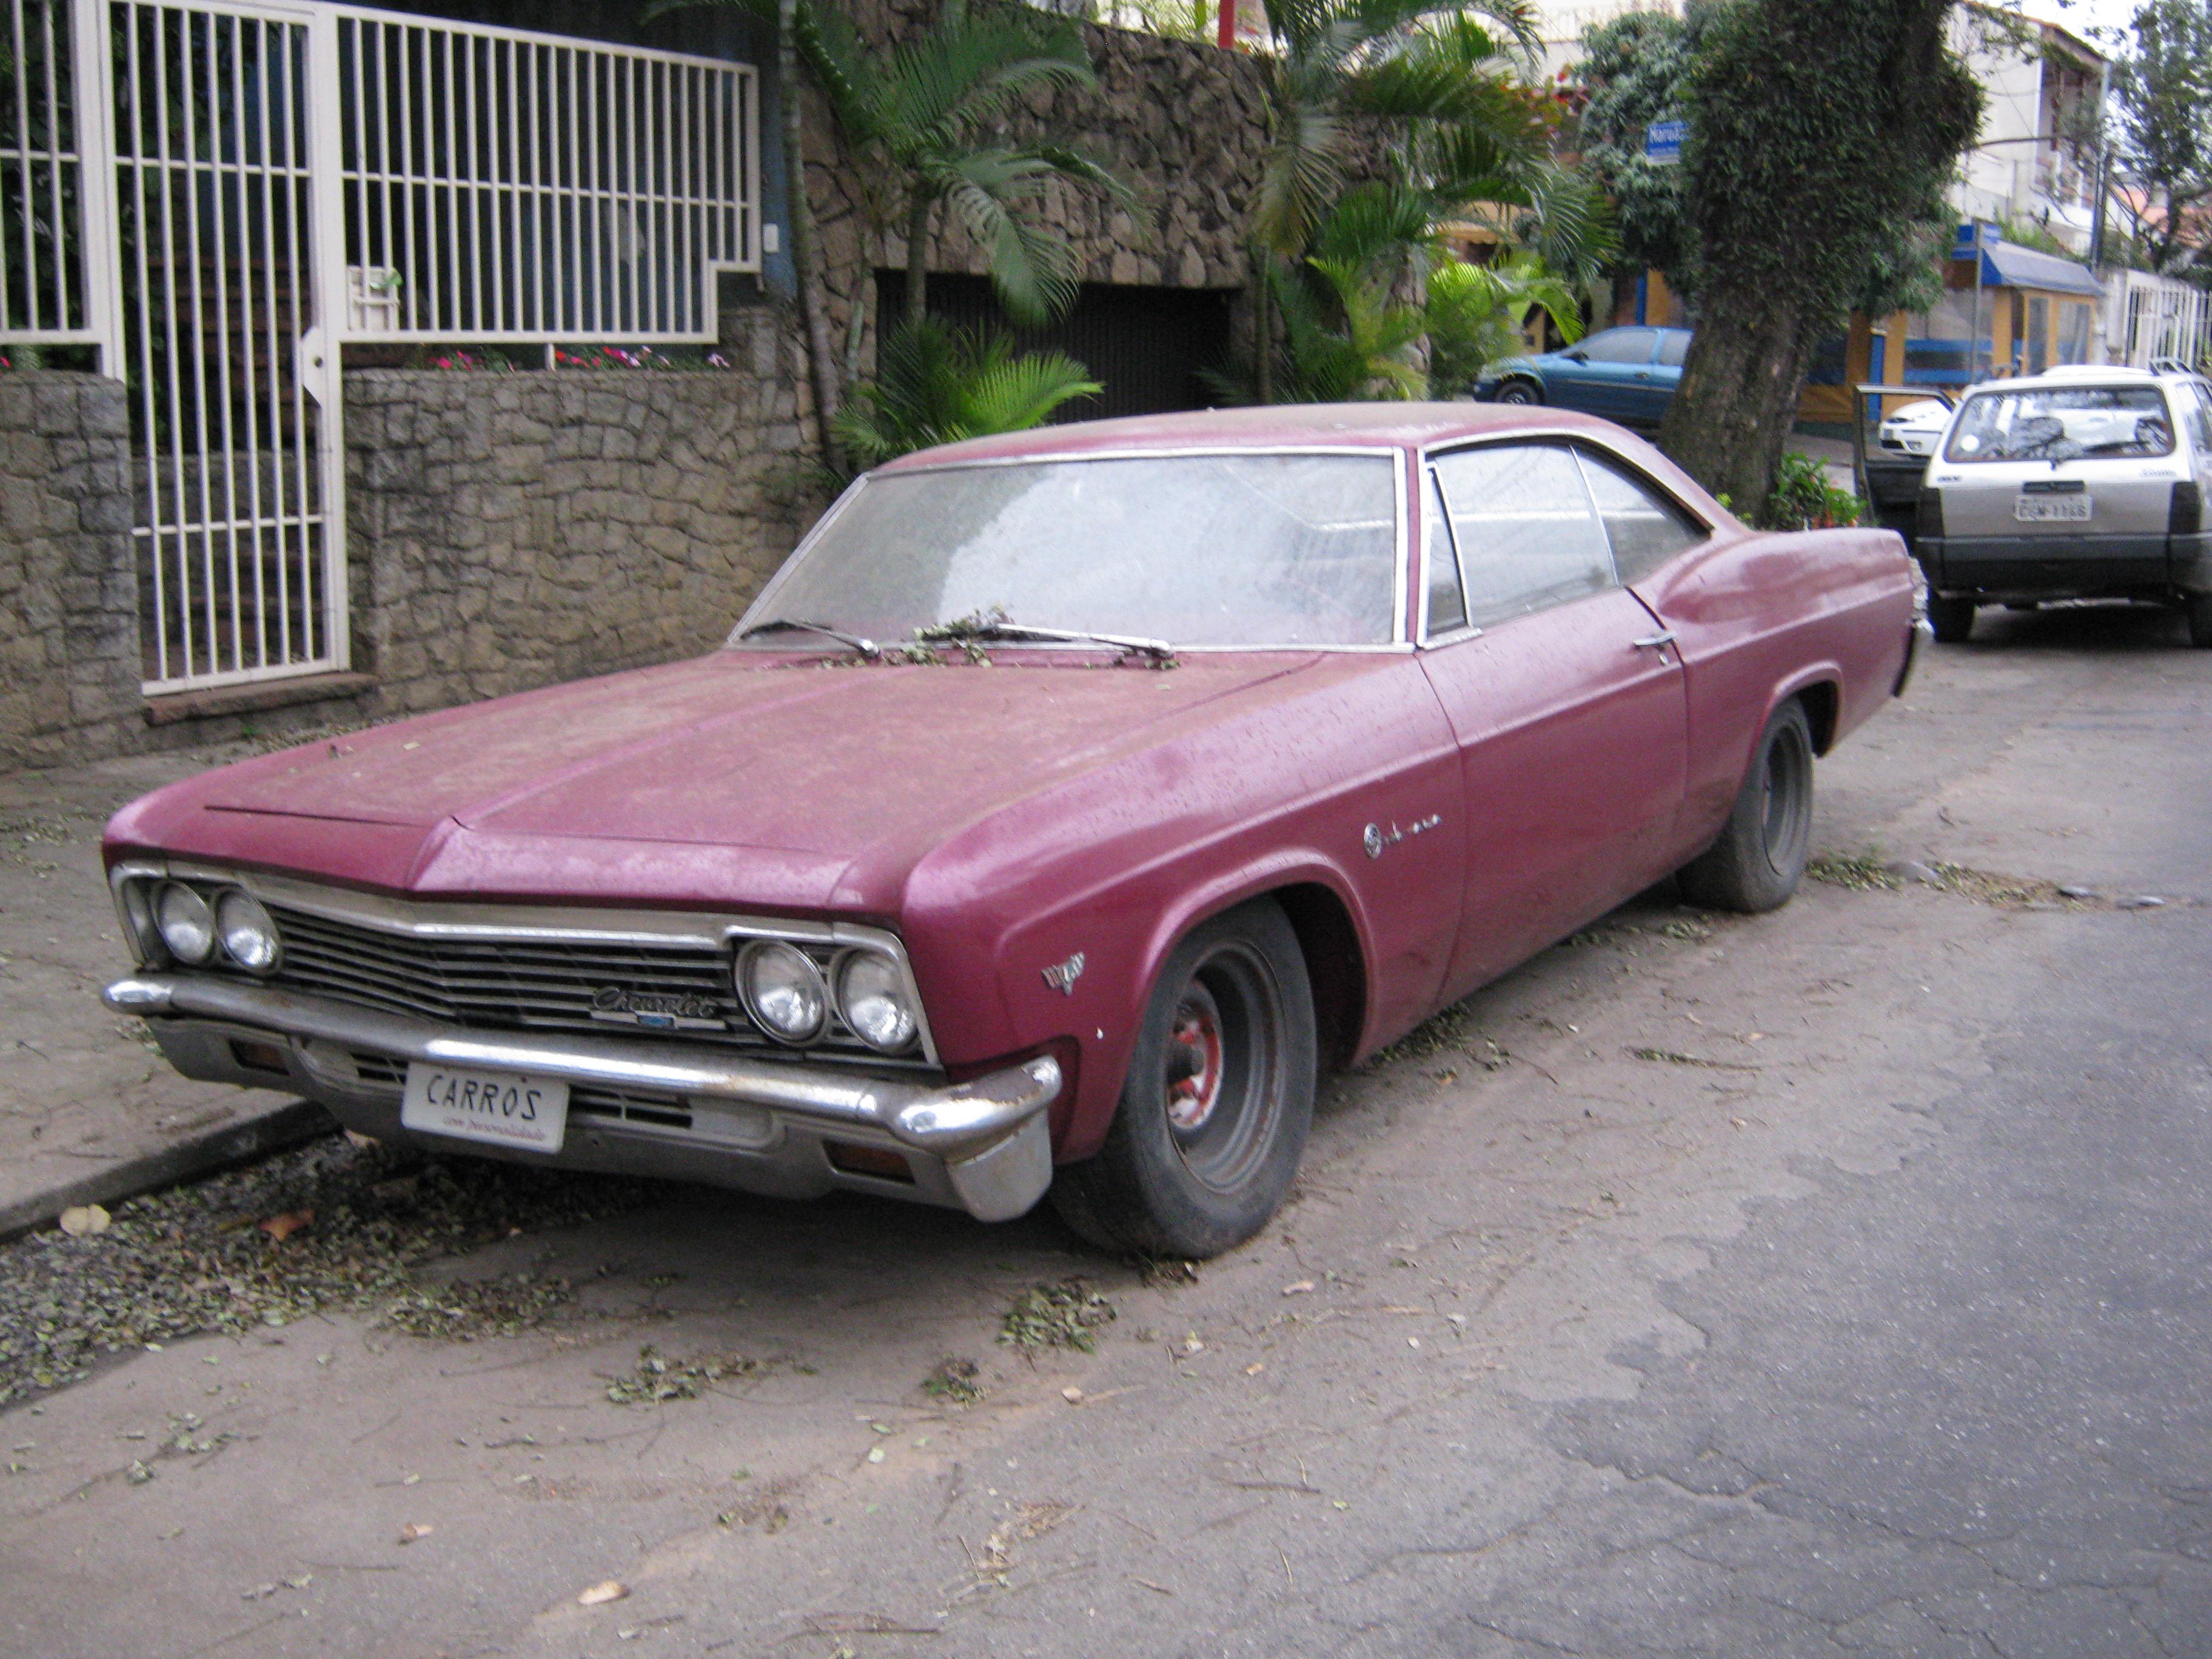 valuck-impala-planalto-paulista-4 Chevrolet Impala